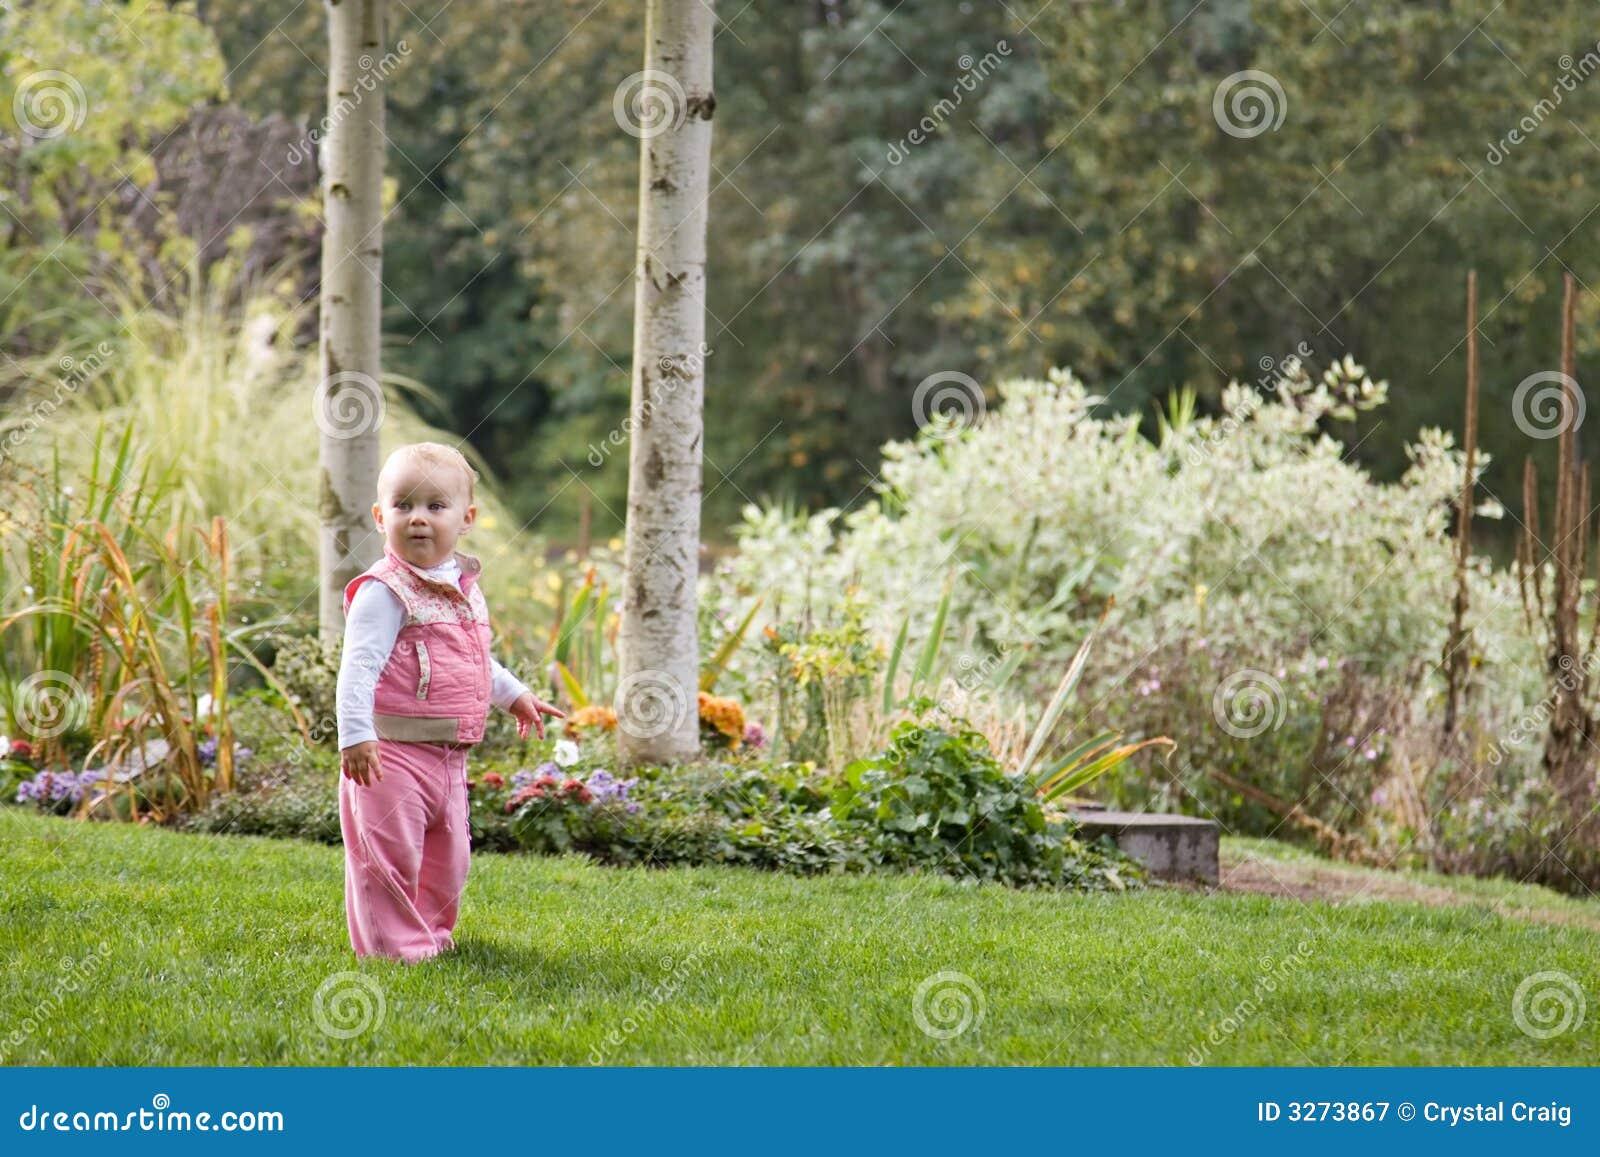 Criança no parque